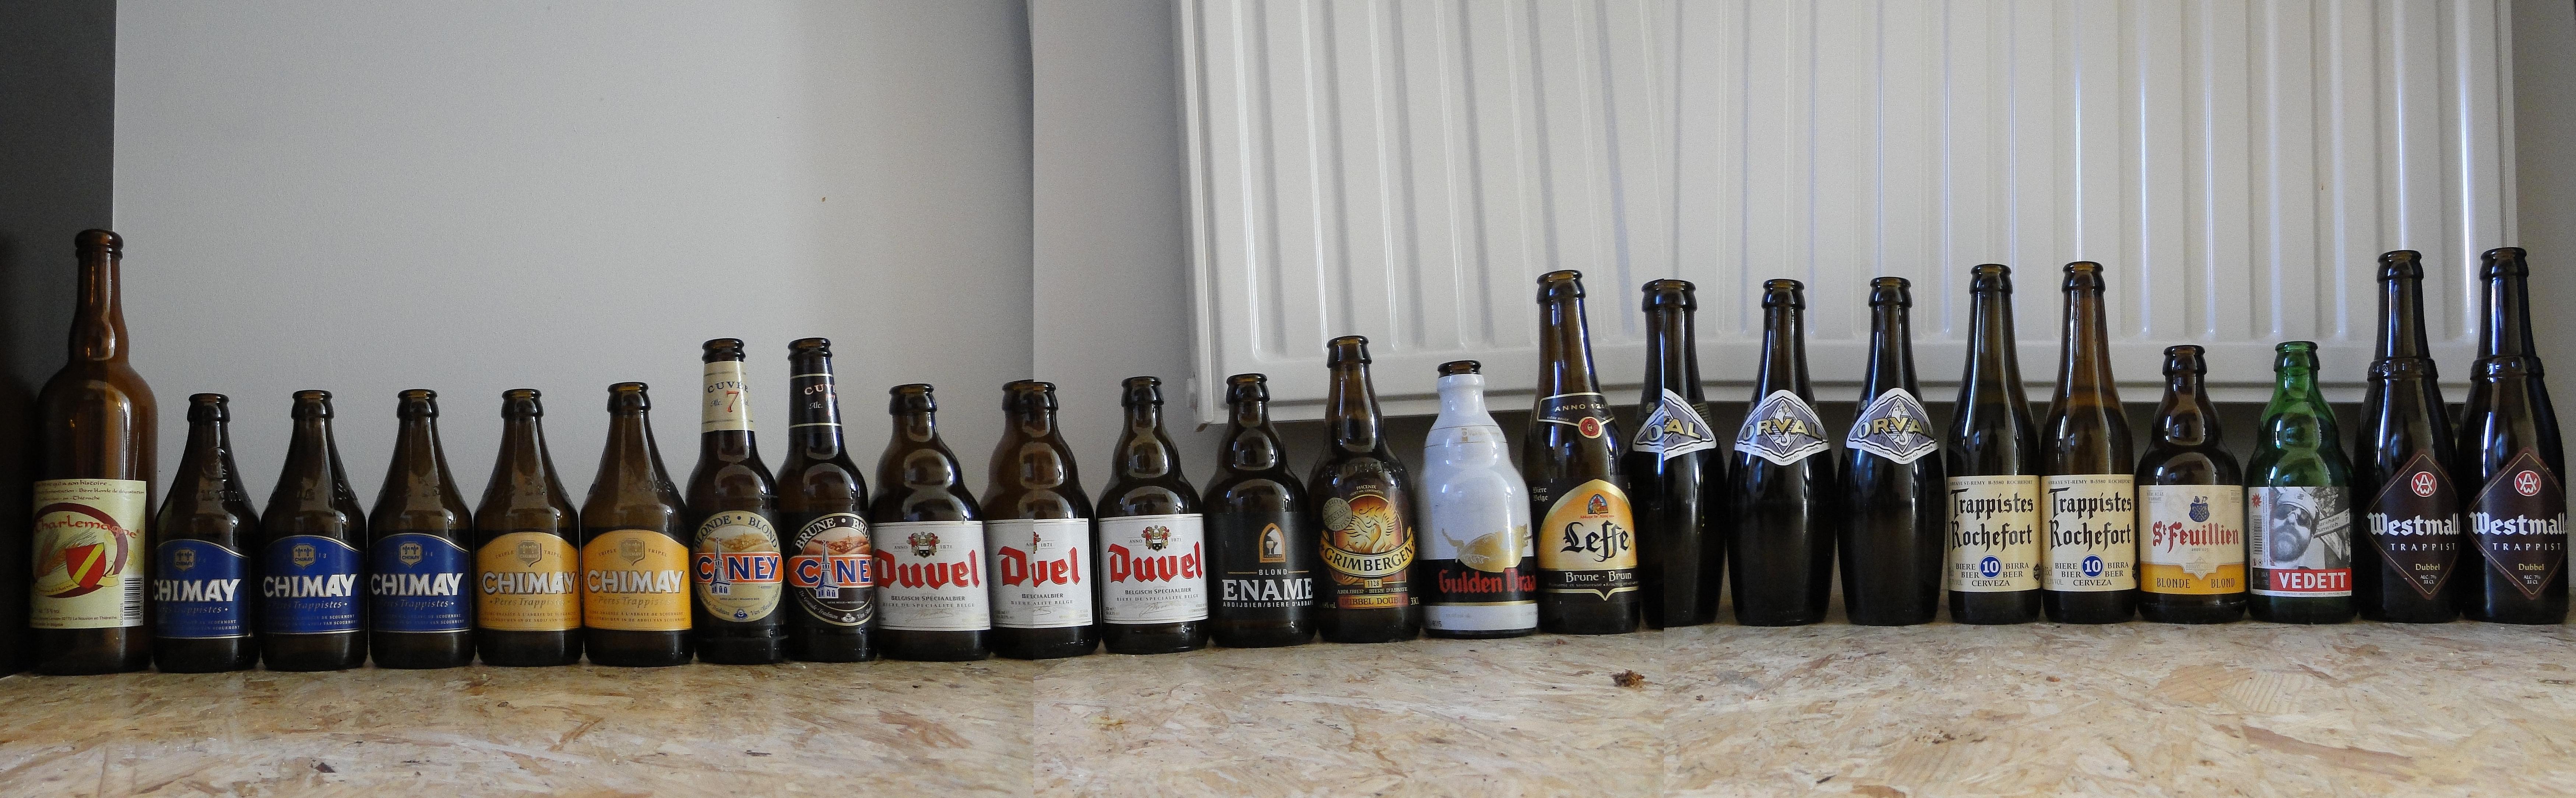 2014-03-20 cervejas